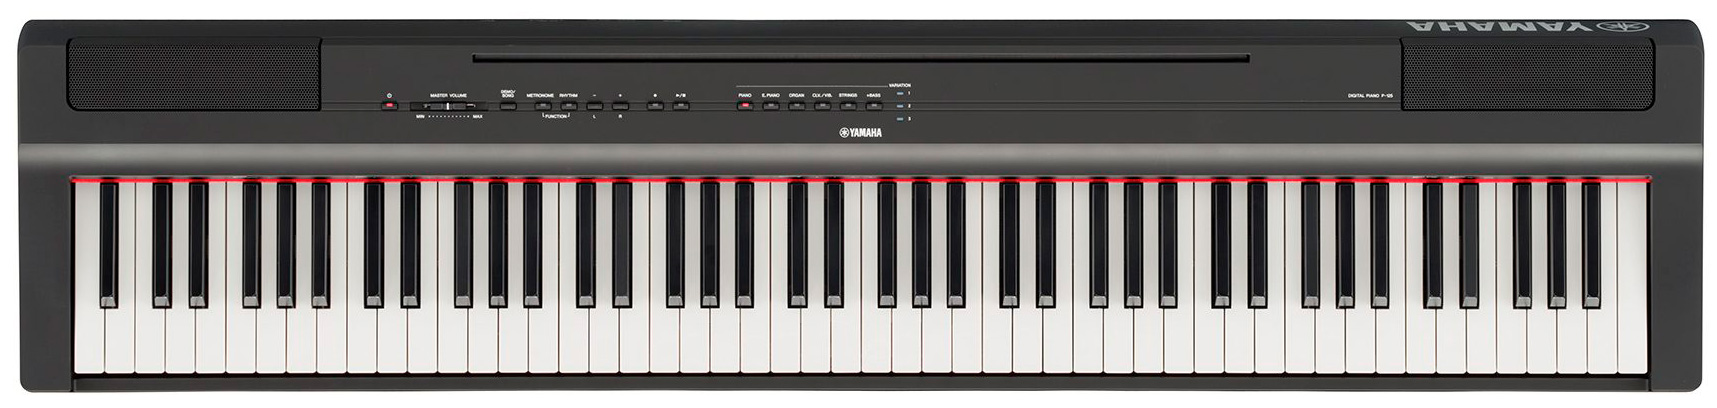 piano digital yamaha p125 review: el mejor piano digital de iniciación